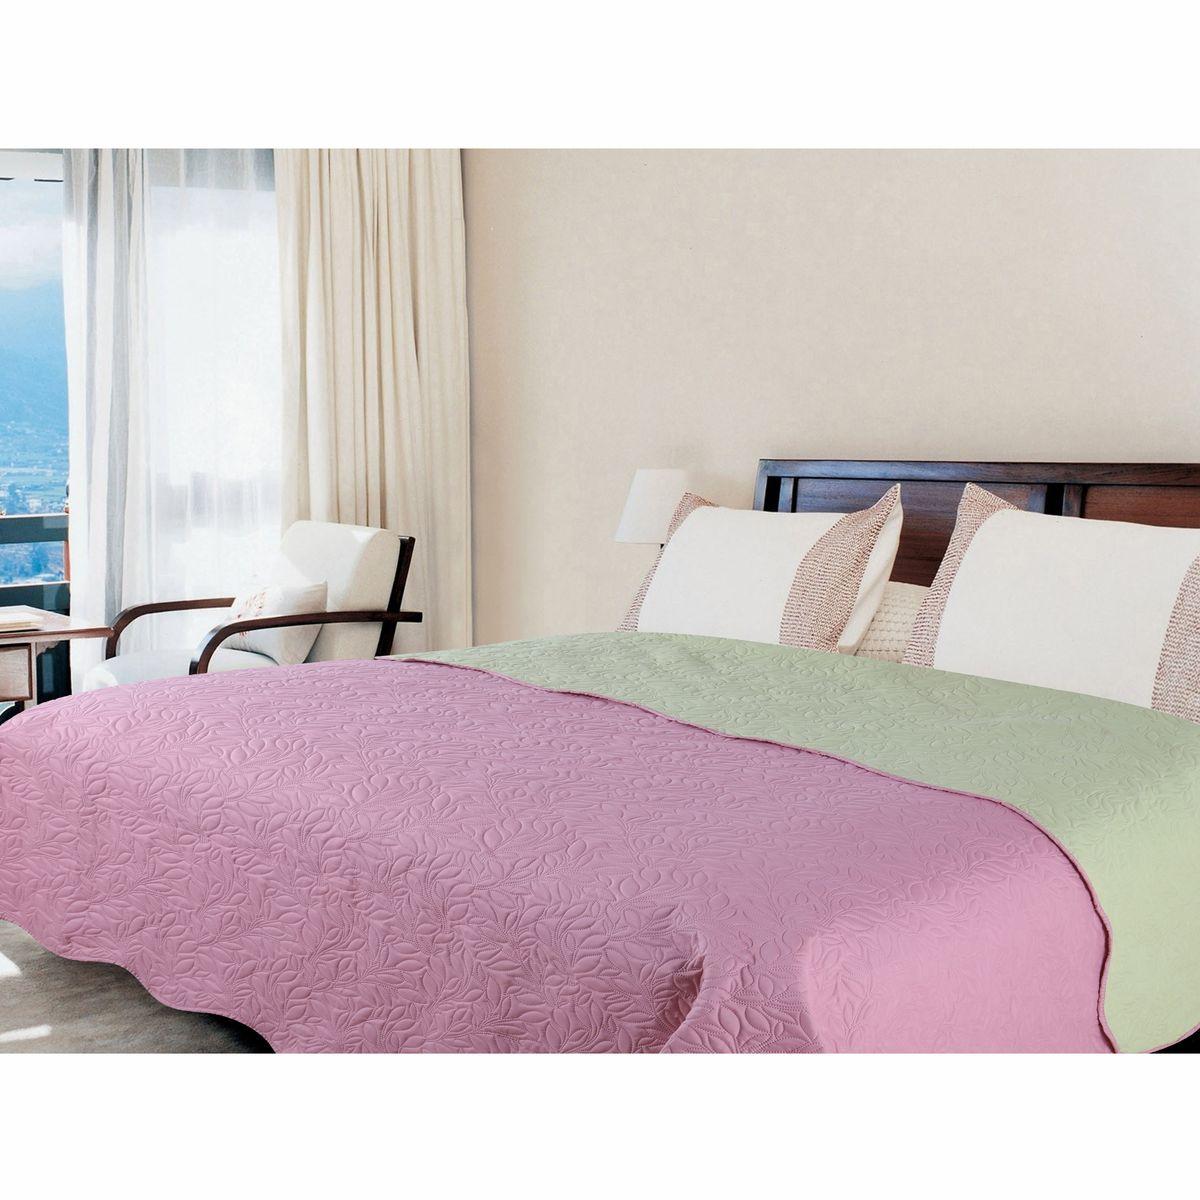 Покрывало Amore Mio Alba, цвет: розовый, зеленый, 160 х 200 смRC-100BWCРоскошное покрывало Amore Mio Alba идеально для декора интерьера в различныхстилевых решениях. Однотонное изделие изготовлено из высококачественногополиэстера и оформлено рельефным рисунком.Покрывало Amore Mio Alba будет превосходно дополнять интерьер вашей спальниили станет прекрасным подарком любому человеку.Ручная стирка при 30°С. Не гладить, не отбеливать.